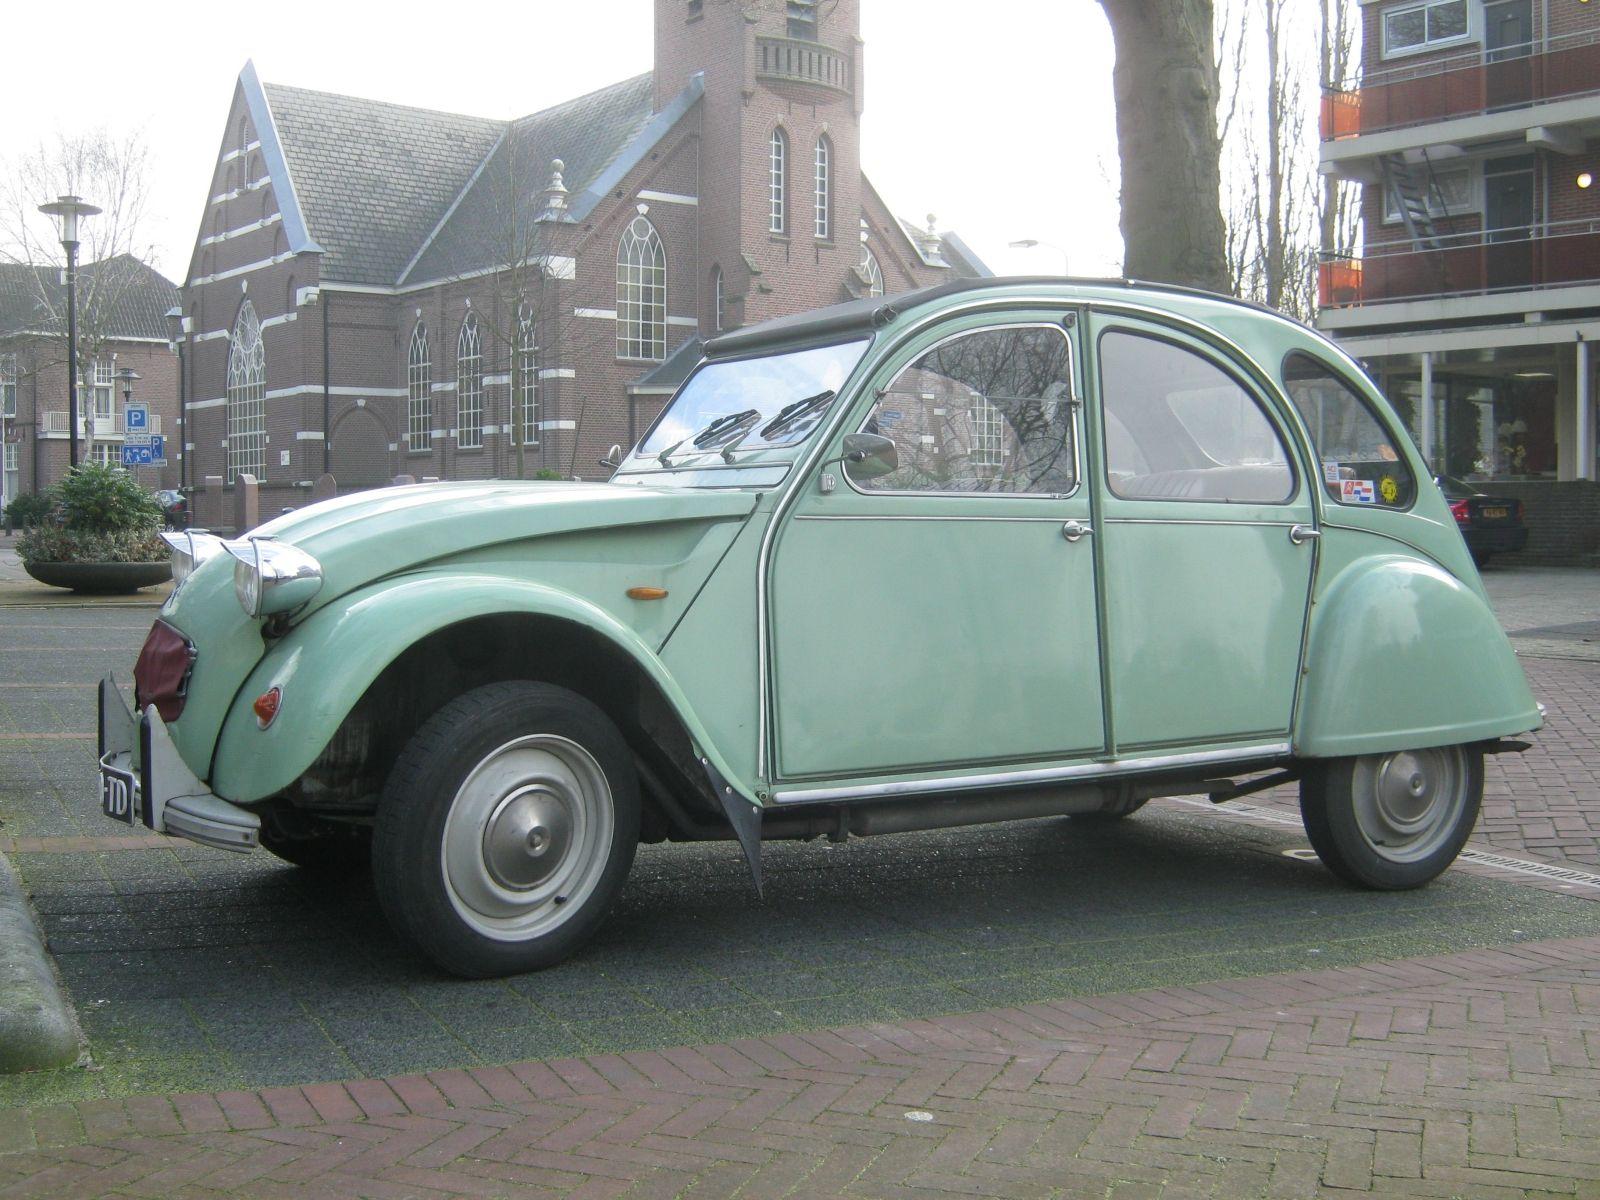 Schöne Farbe. Schönes Modell. Belle voiture.